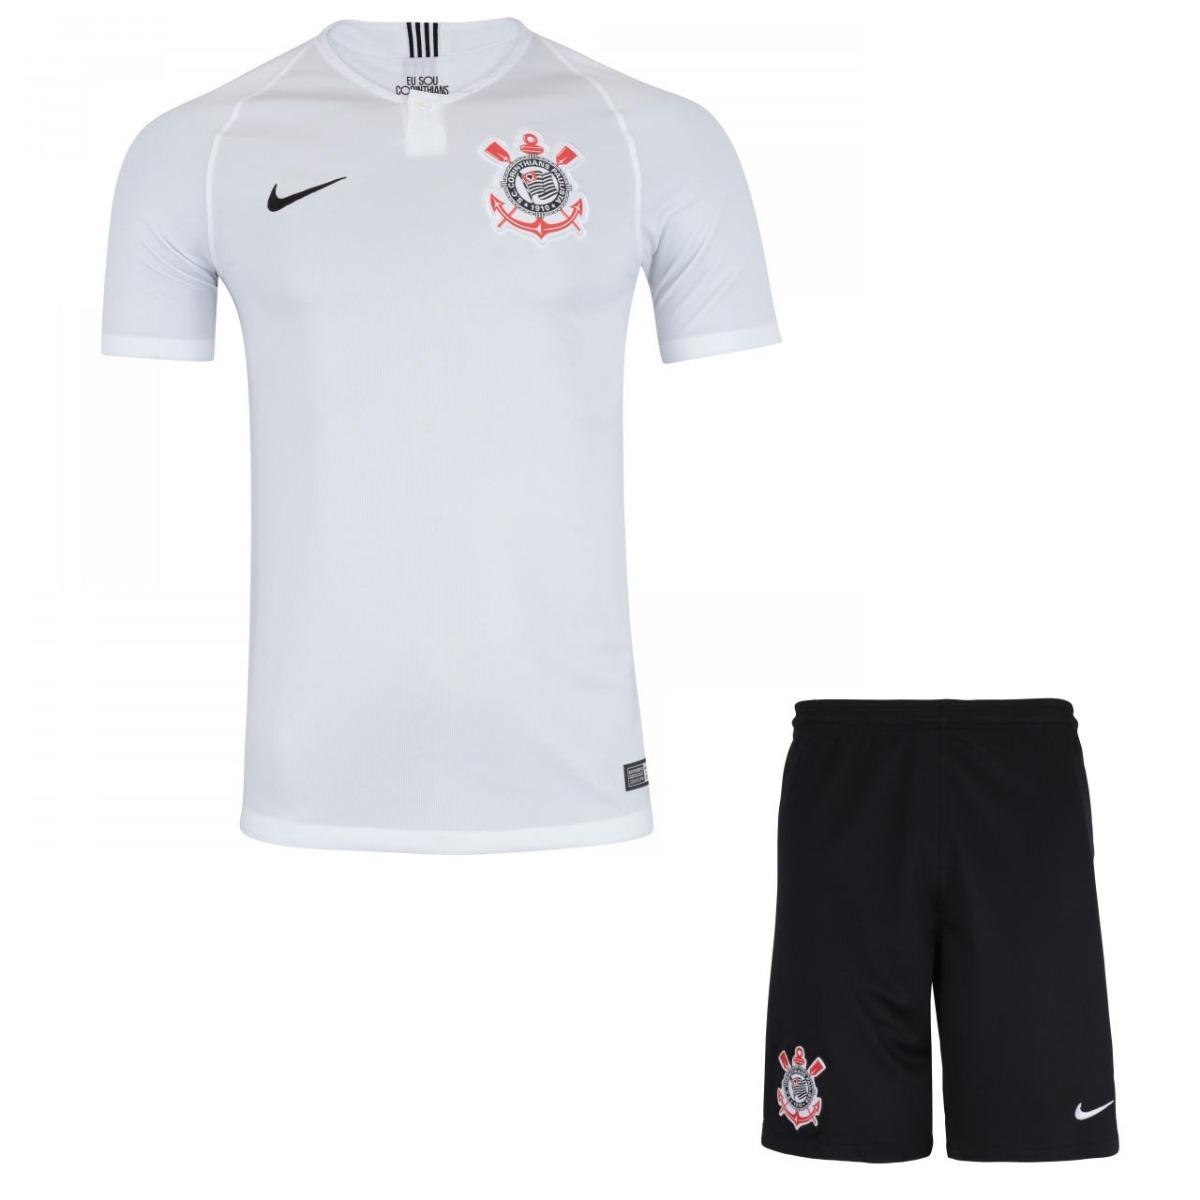 66b829d609695 kit infantil camisa e shorts futebol corinthians 2018. Carregando zoom.